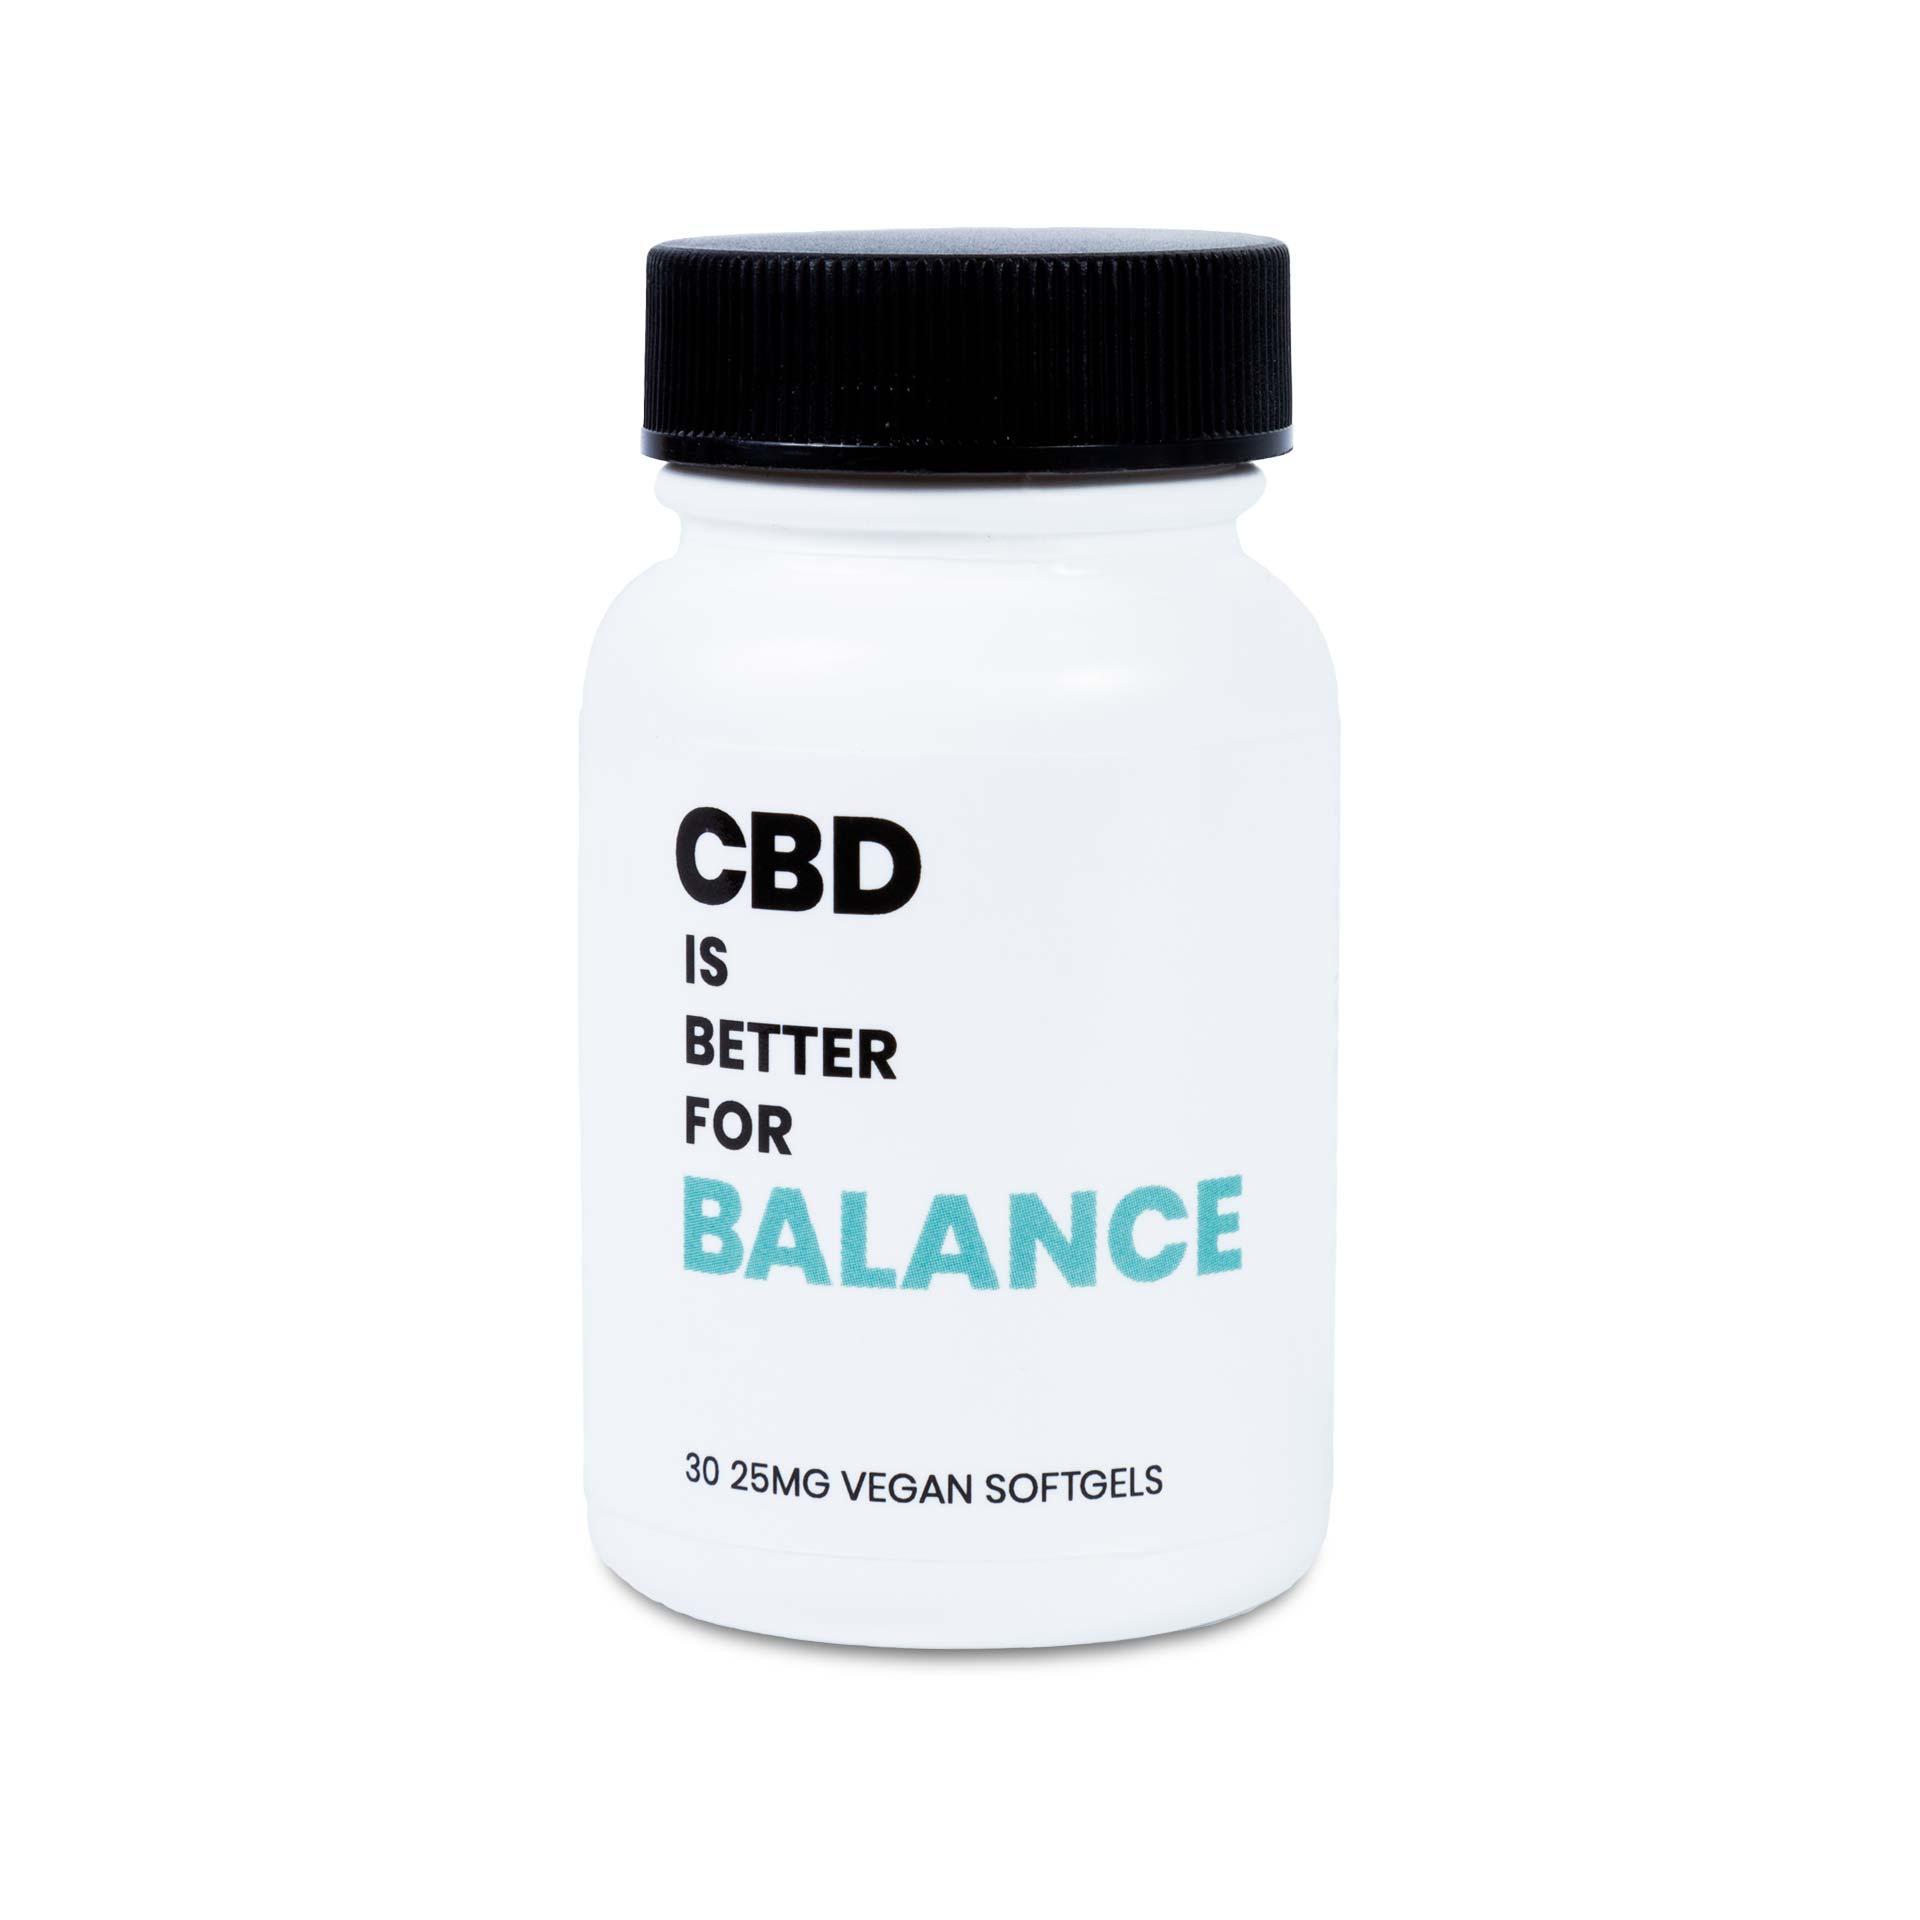 CBD IS BETTER FOR BALANCE VEGAN CBD SOFTGELS 30-CT BOTTLE